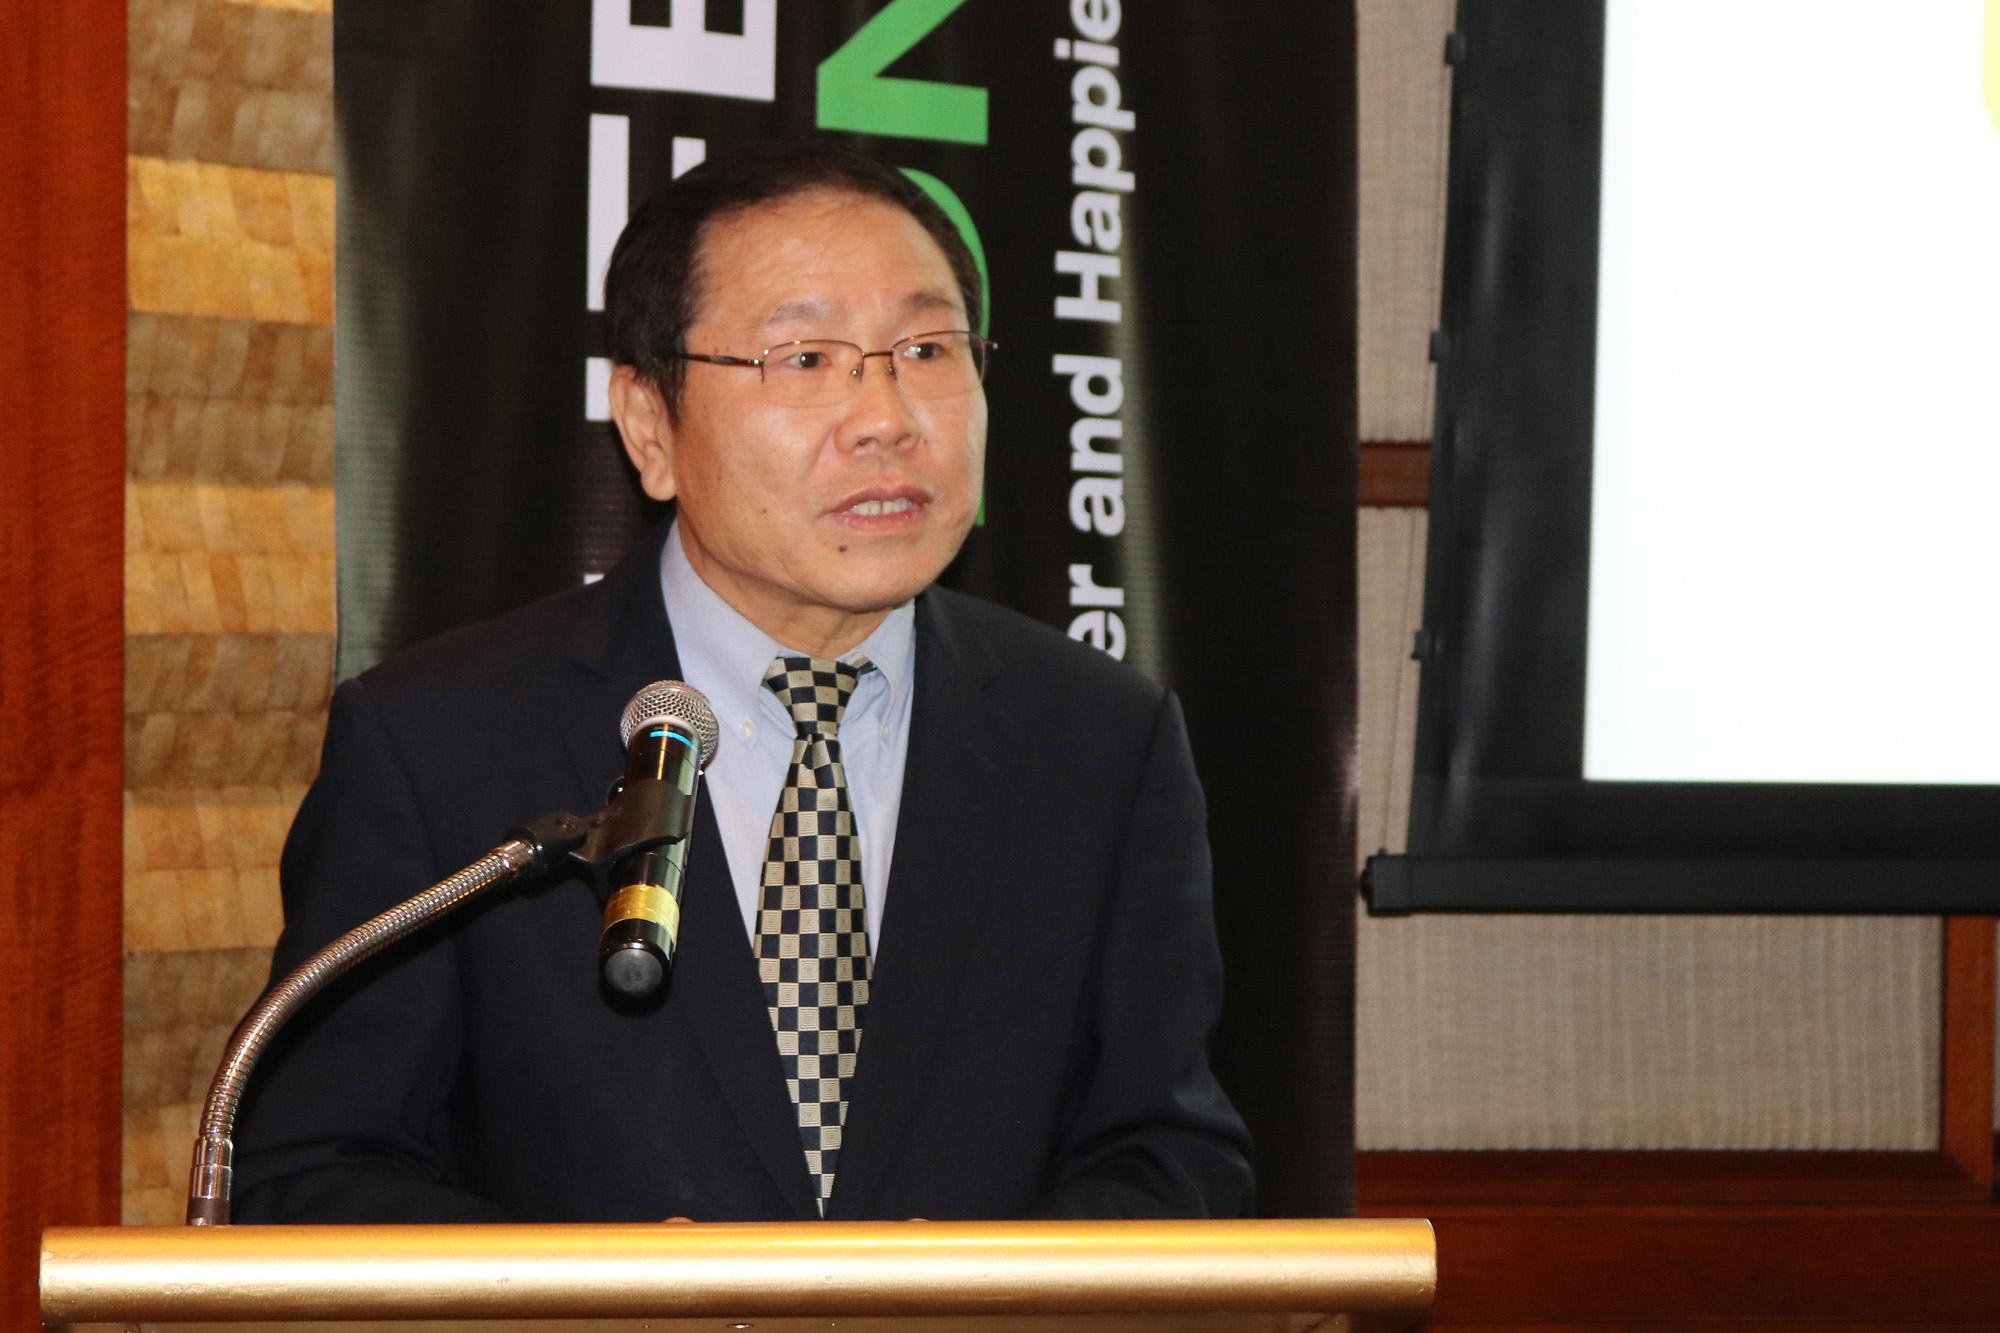 Dr. Zhen-Yu Chen of Herbalife